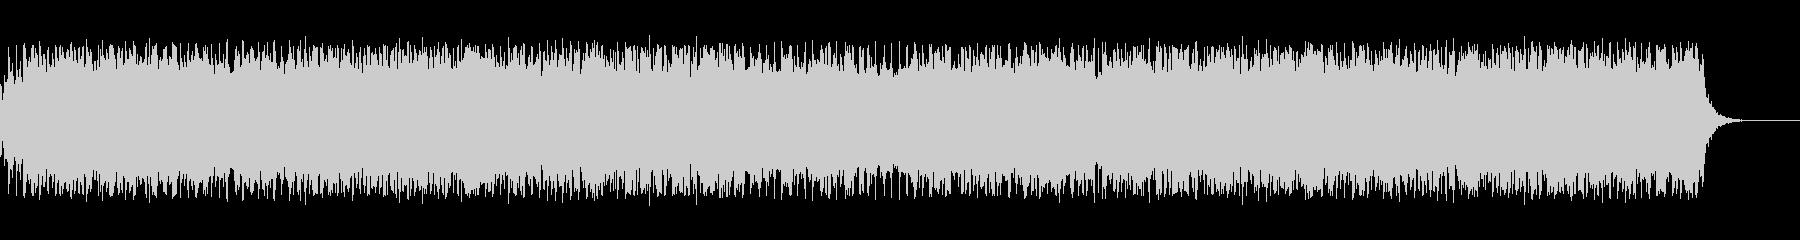 アップテンポの陽気なカントリーサウンドの未再生の波形